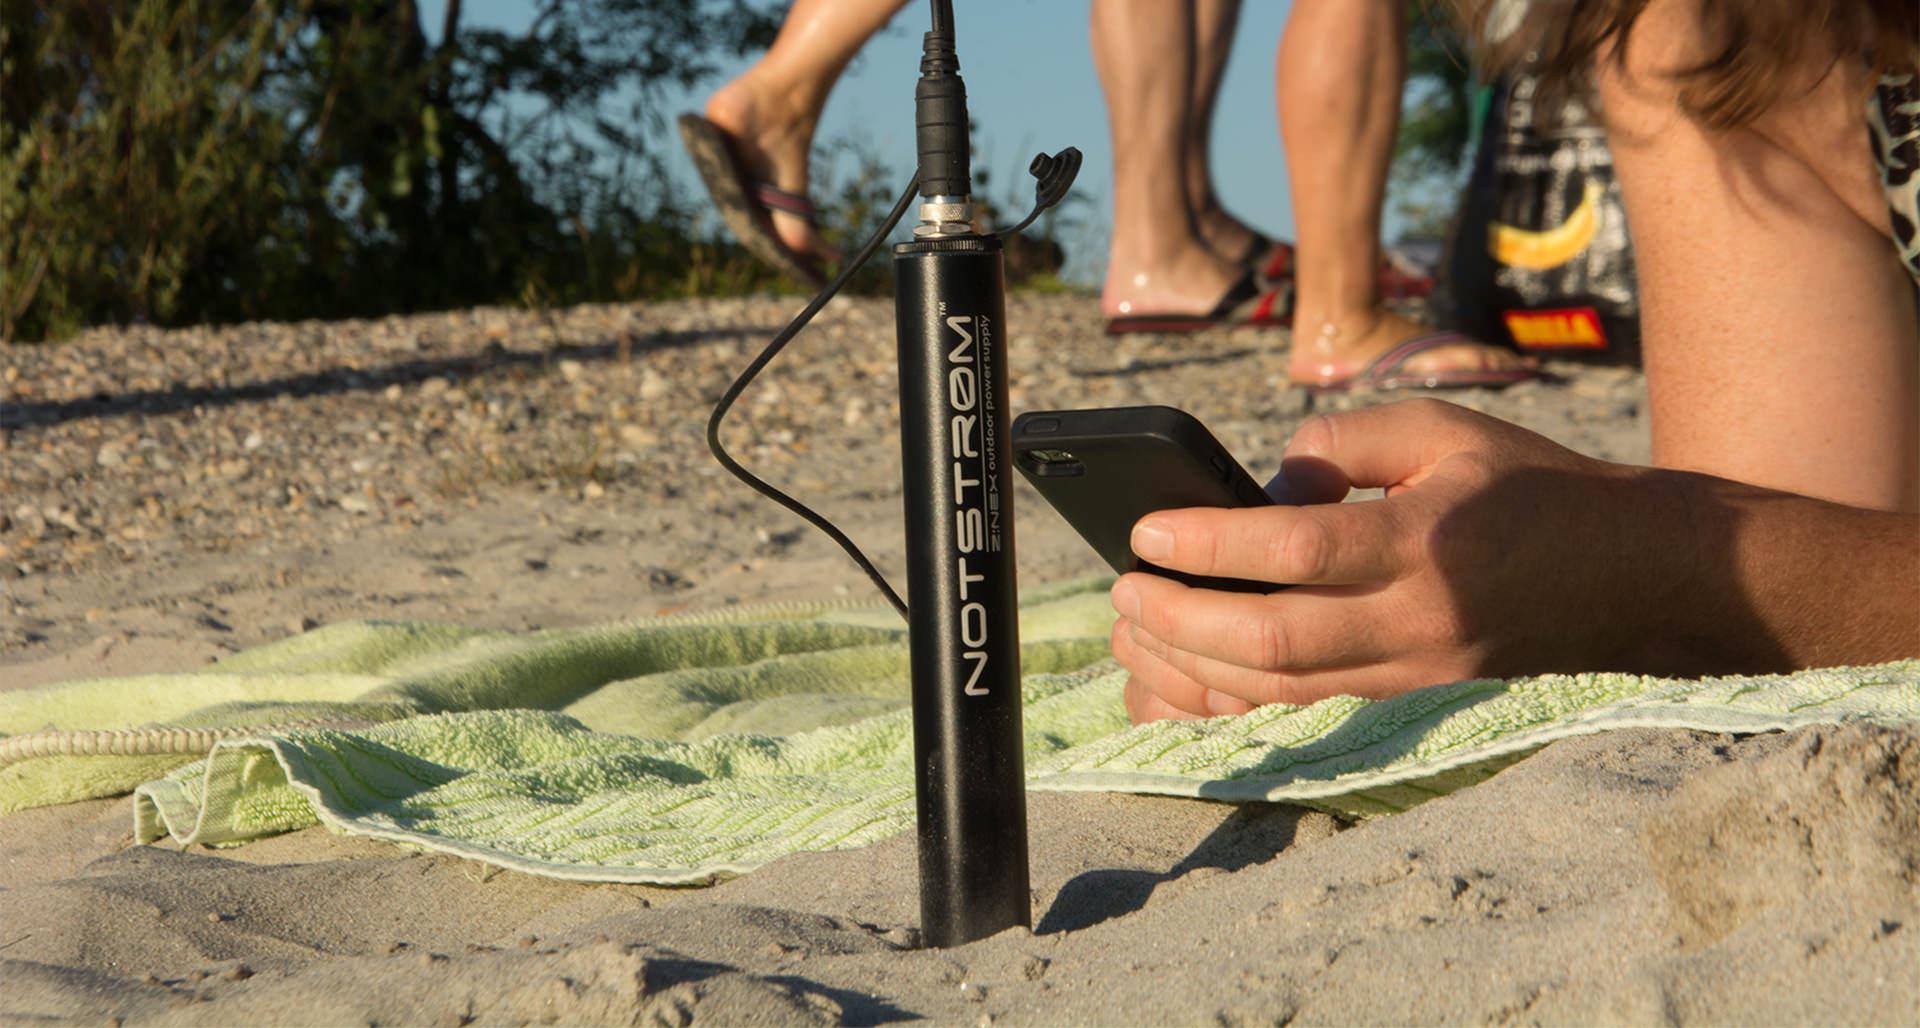 Wasser und staubdichte Powerbank Notstrøm XT im Sand eines Badestrandes